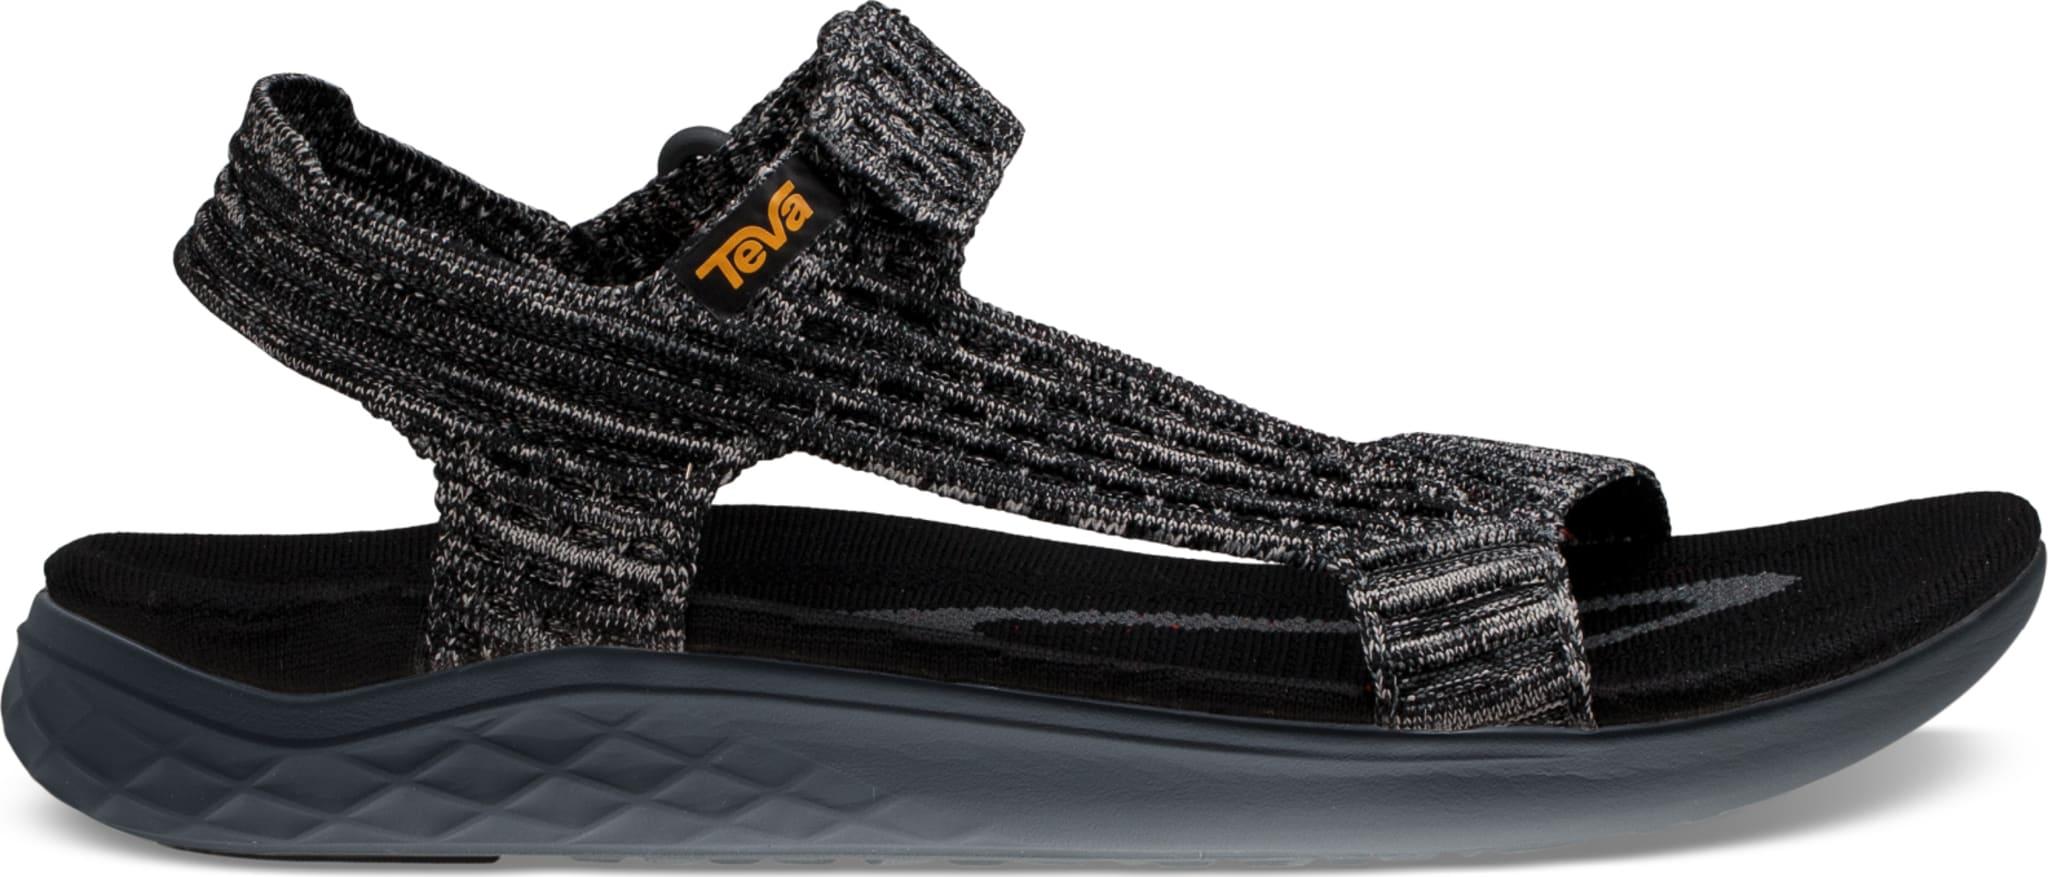 Lette og komfortable sandaler med hurtigtørkende remmer